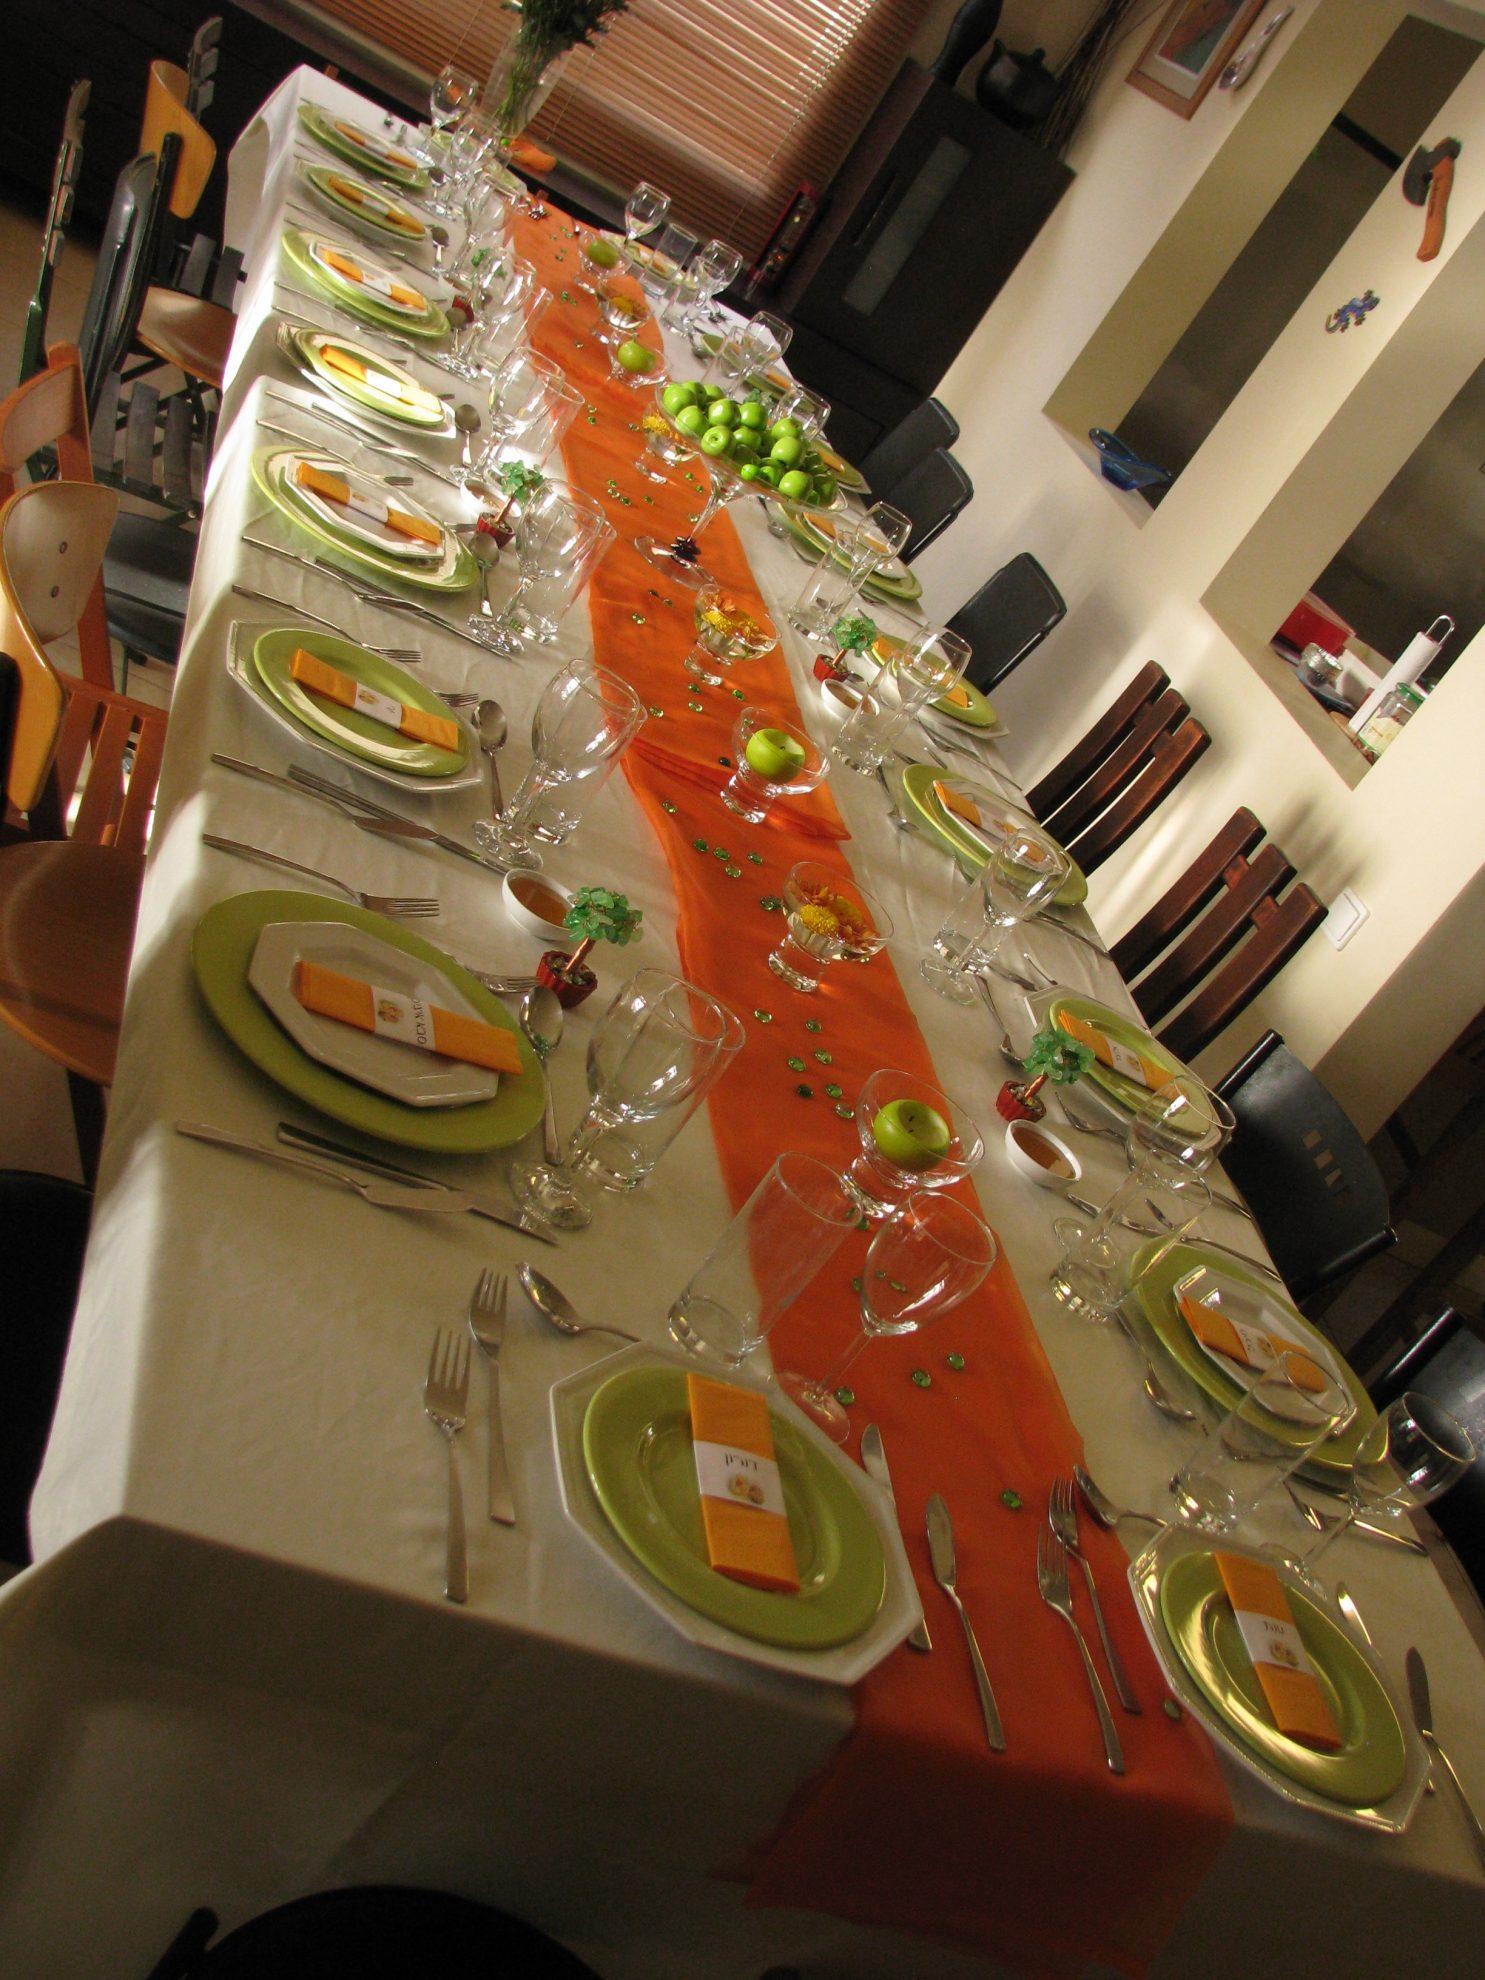 ארוחות משפחתיות